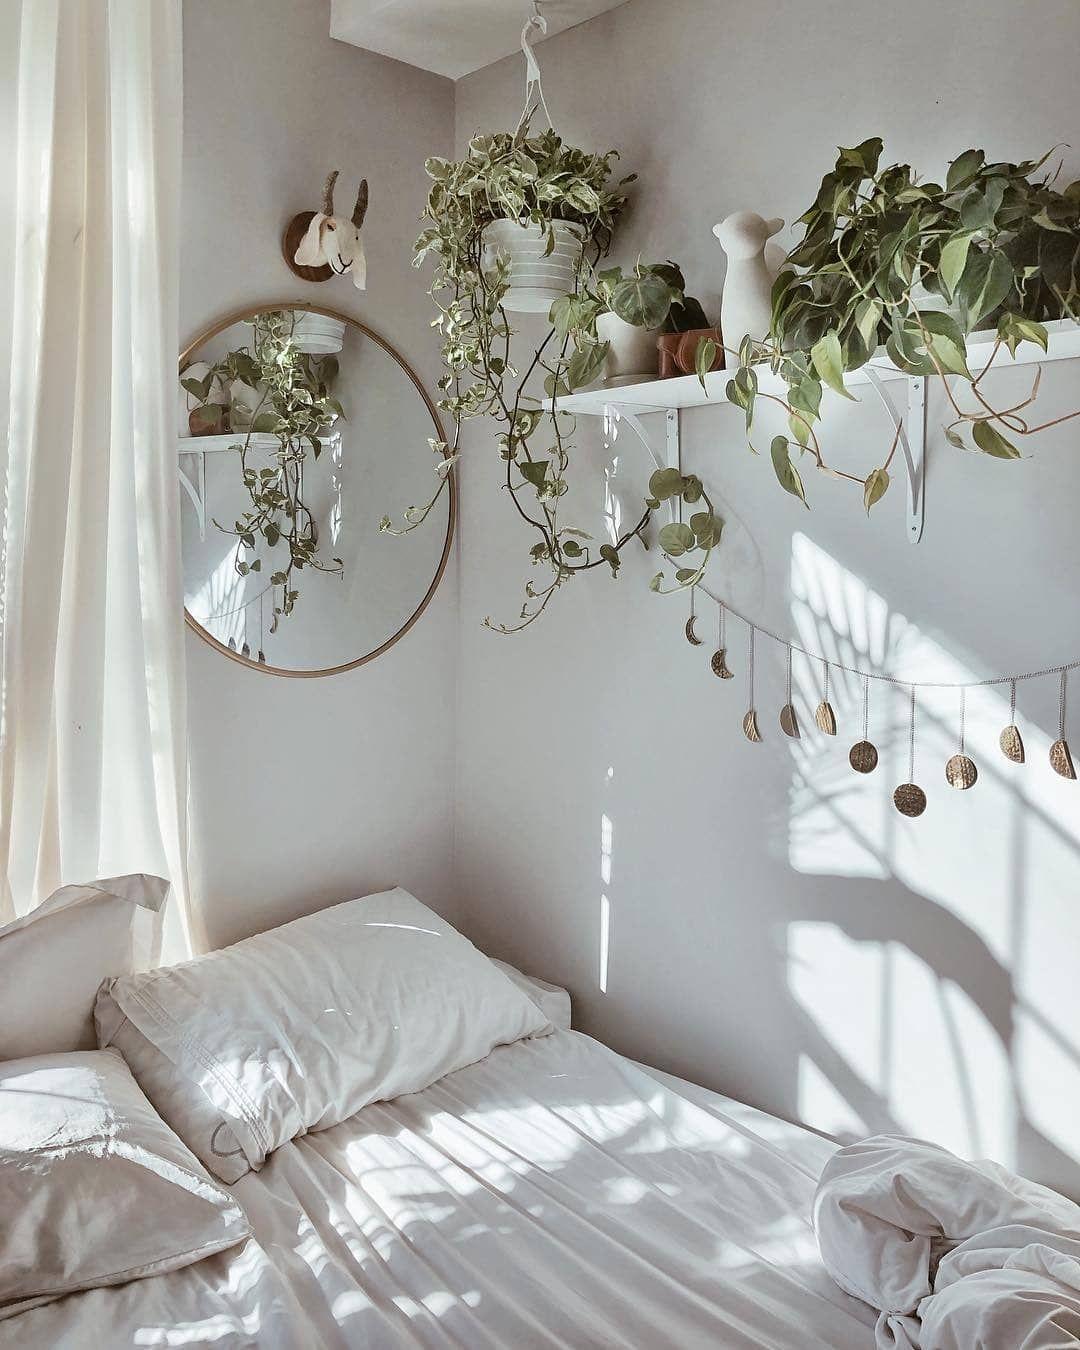 """SoLebIch.de on Instagram: """"Wundervolles Lichtspiel im hellen Schlafzimmer von @jnaydaily ausBrooklyn, New York"""